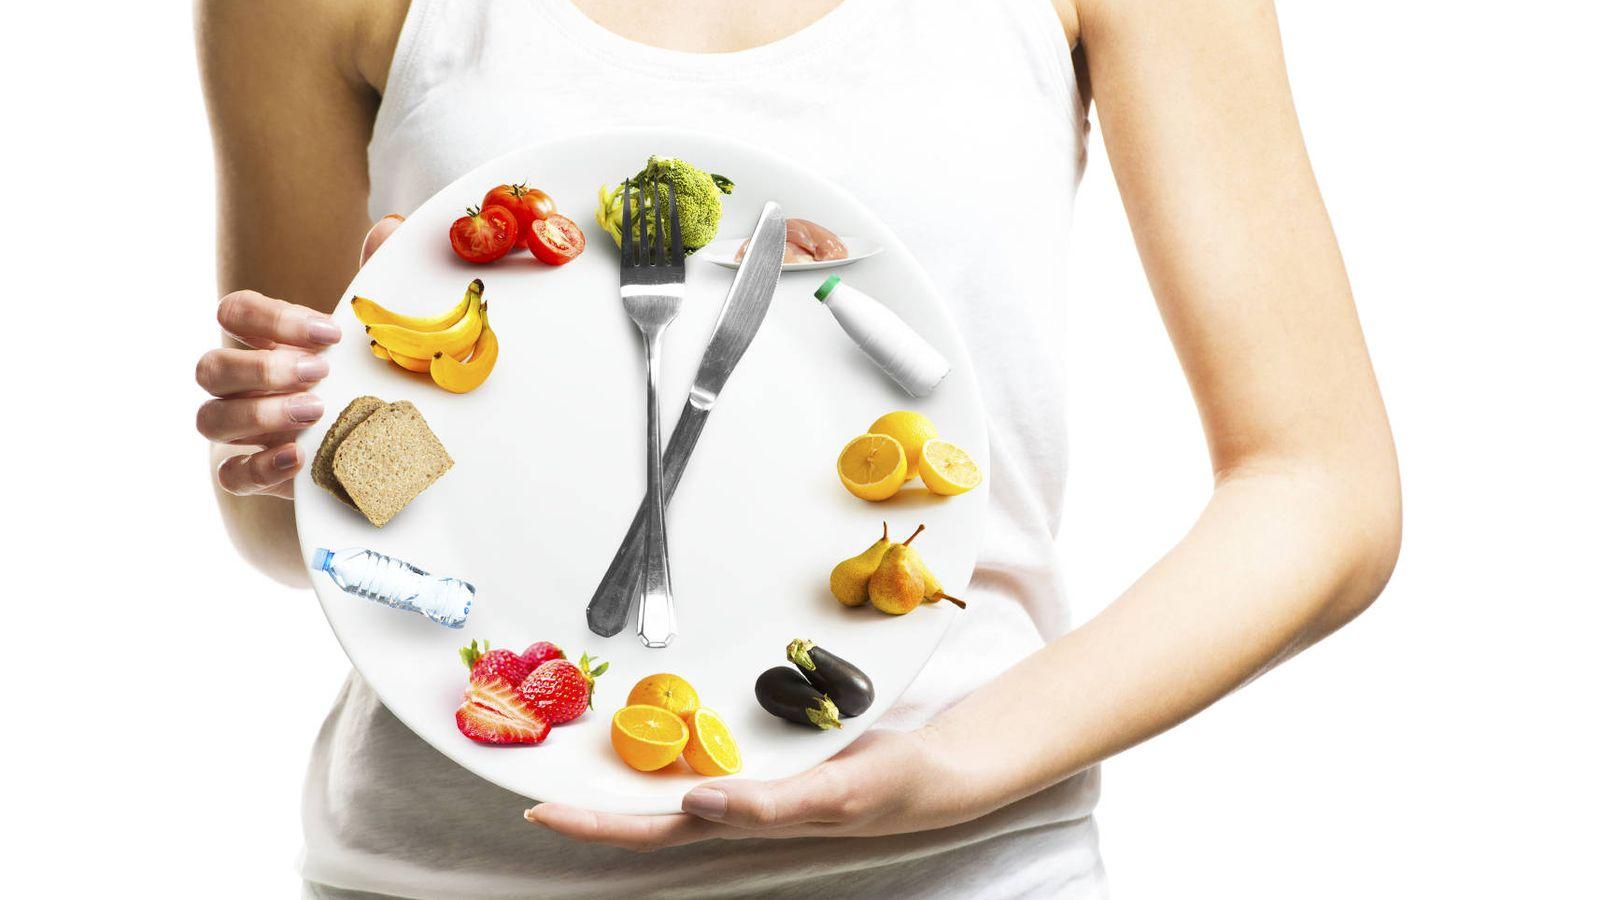 Los Edulcorantes Artificiales Favorecen Ꮮa Obesidad Y Ꮮa Diabetes